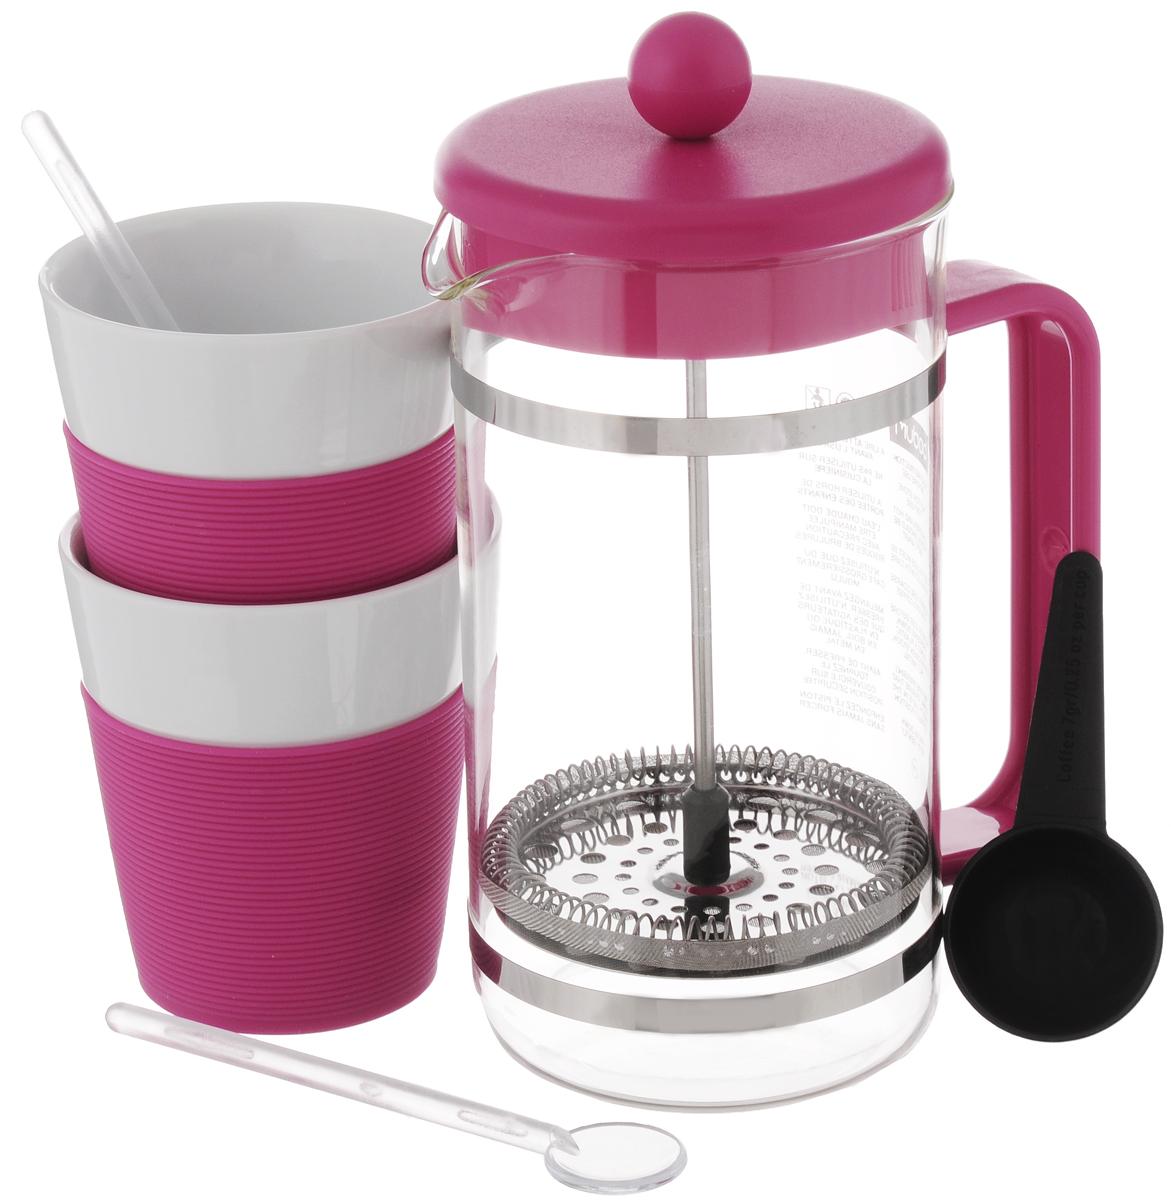 Набор кофейный Bodum Bistro, цвет: розовый, прозрачный, белый, 6 предметов. AK1508VT-1520(SR)Кофейный набор Bodum Bistro состоит из чайника френч-пресса, 2 стаканов, 2 ложек и мерной ложки. Френч-пресс выполнен из высококачественного жаропрочного стекла, нержавеющей стали и пластика. Френч-пресс - это заварочный чайник, который поможет быстро приготовить вкусный и ароматный чай или кофе. Металлический нержавеющий фильтр задерживает чайные листочки и частички зерен кофе. Засыпая чайную заварку или кофе под фильтр, заливая горячей водой, вы получаете ароматный напиток с оптимальной крепостью и насыщенностью. Остановить процесс заваривания легко, для этого нужно просто опустить поршень, и все уйдет вниз, оставляя сверху напиток, готовый к употреблению. Элегантные стаканы выполнены из высококачественного фарфора и оснащены резиновой вставкой, защищающей ваши руки от высоких температур. Ложки изготовлены из пластика. Яркий и стильный набор украсит стол к чаепитию и станет чудесным подарком к любому случаю. Изделия можно мыть в посудомоечной машине.Объем френч-пресса: 1 л. Диаметр френч-пресса (по верхнему краю): 10 см. Высота френч-пресса: 21,5 см. Объем стакана: 300 мл. Диаметр стакана по верхнему краю: 8,5 см. Высота стакана: 10 см. Длина мерной ложки: 10 см.Длина ложек: 14 см.